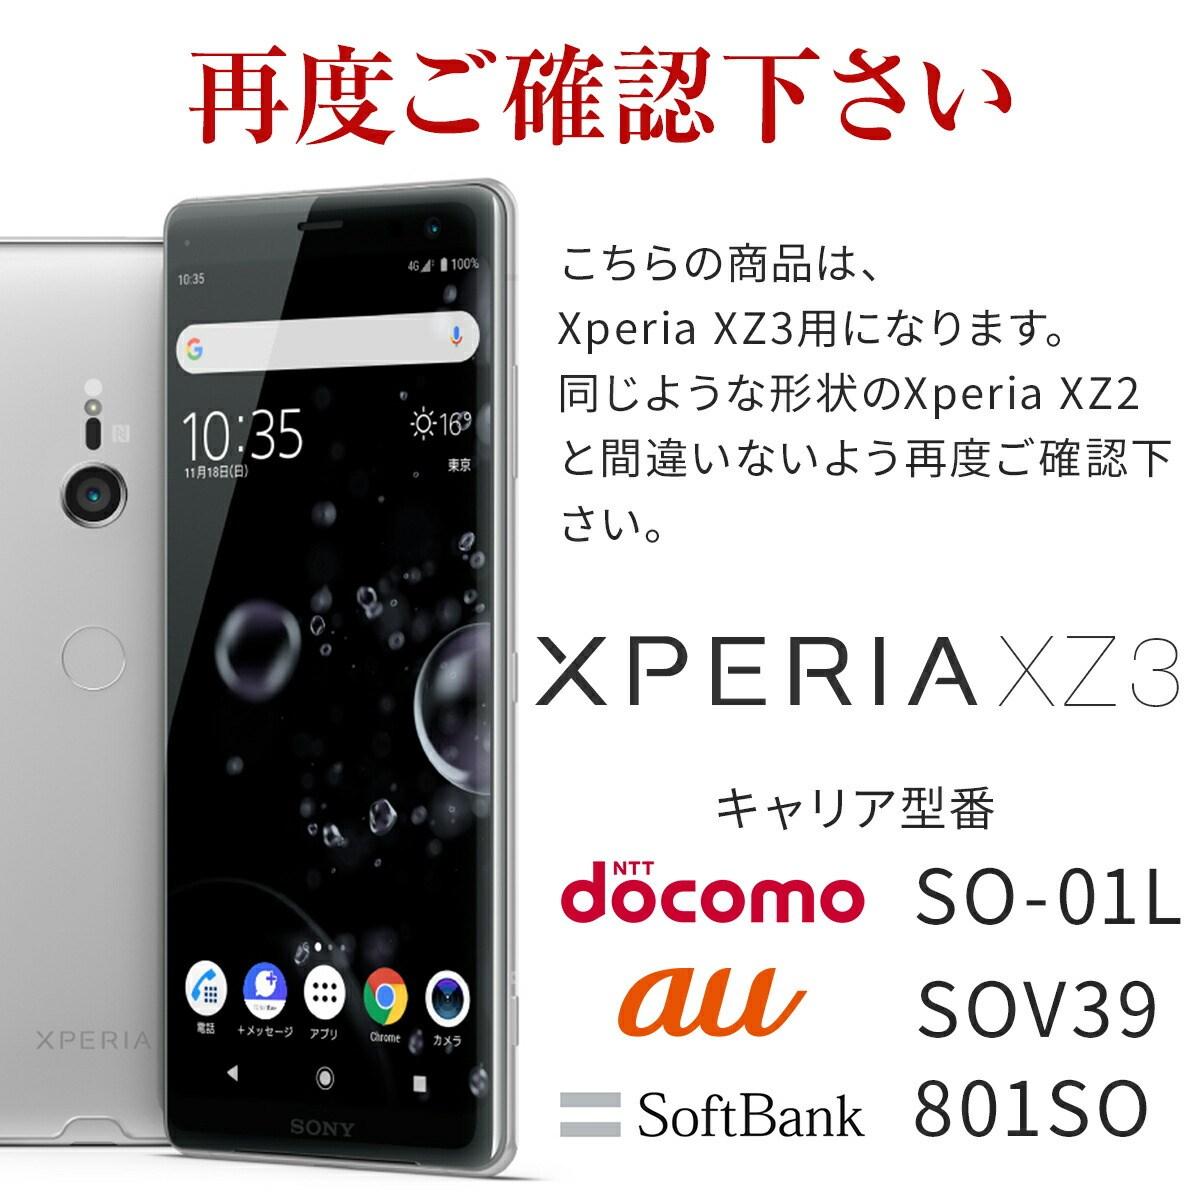 Xperia XZ3 SO-01L SOV39 コンビネーションカラー手帳型ケース